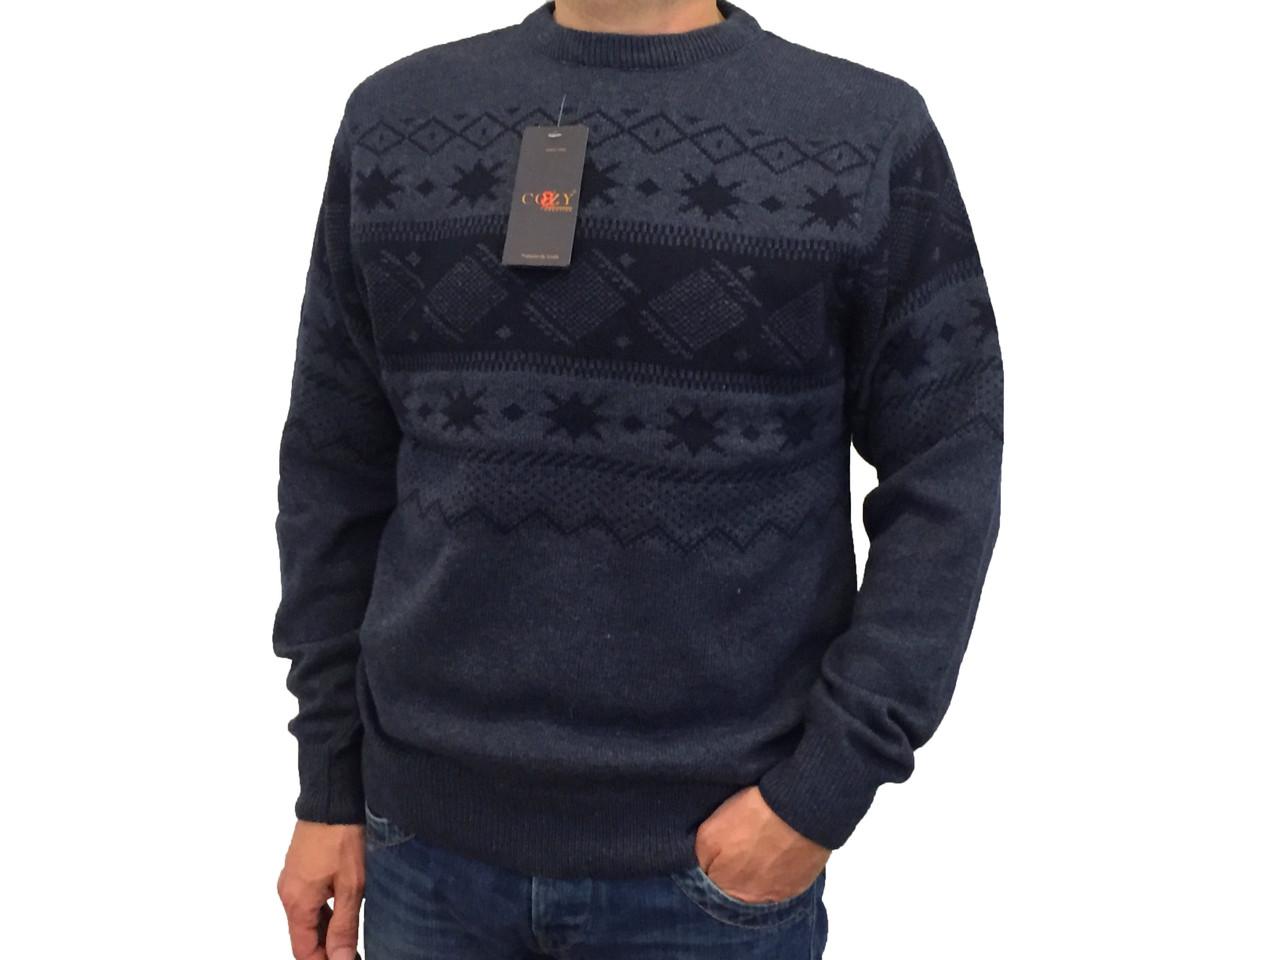 Мужской теплый свитер № 1725 синий с узором